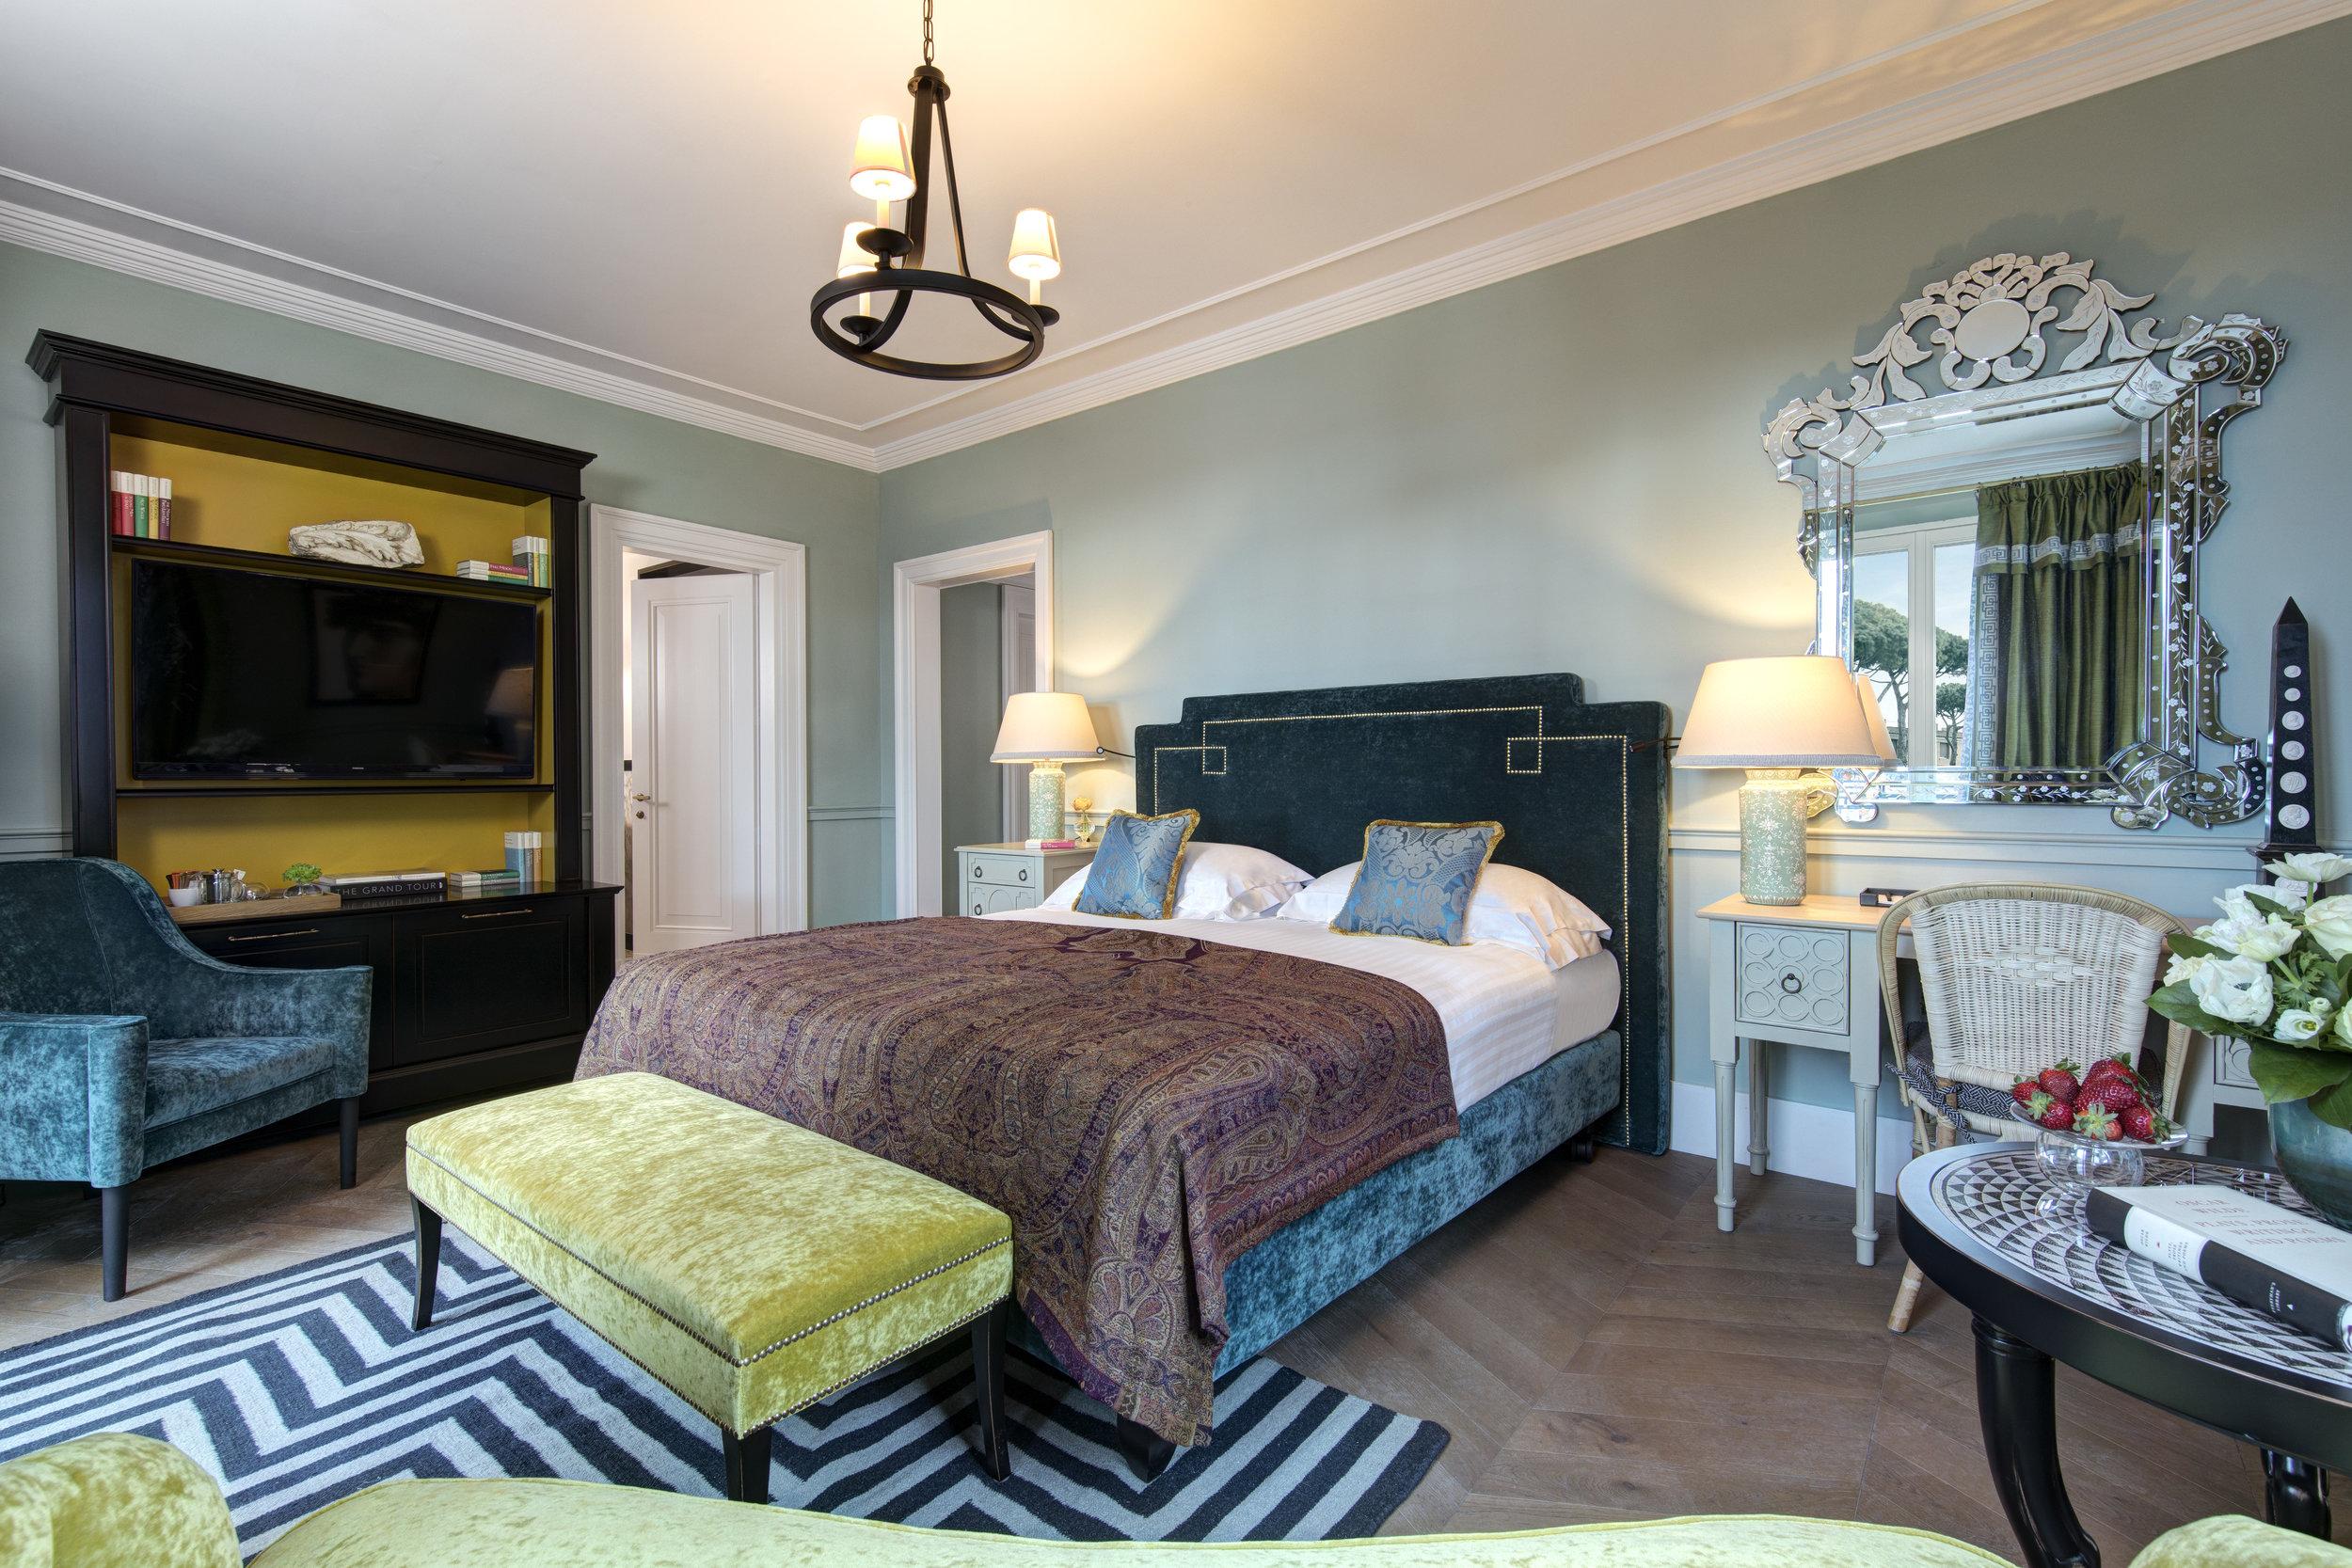 RFH Hotel de la Ville -  Junior Suite - Bedroom - Controcampo.JPG